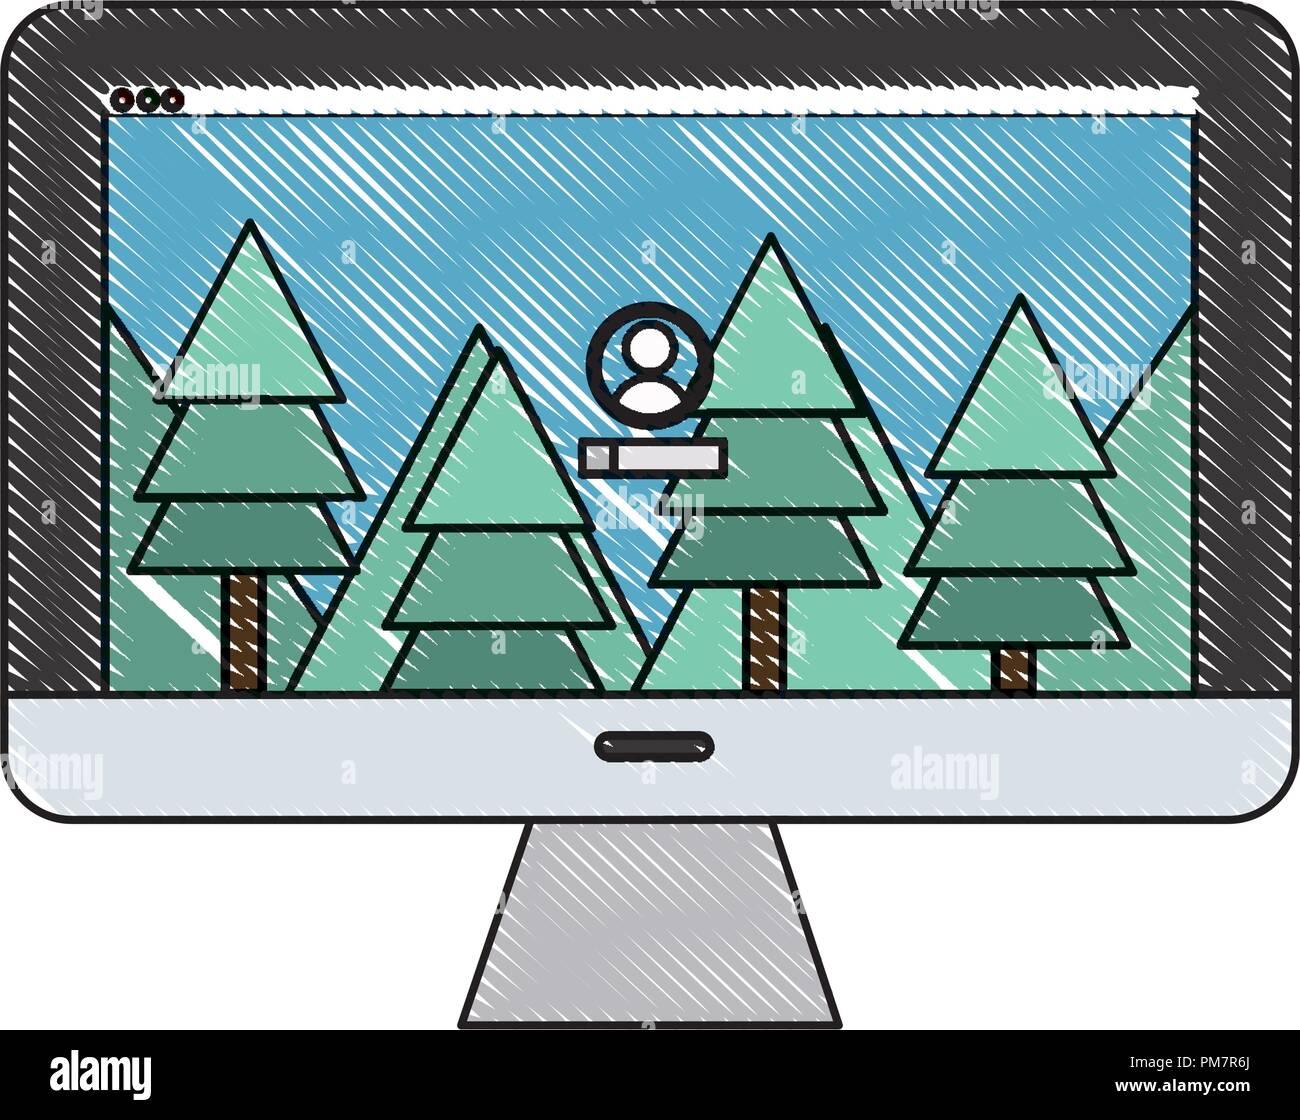 Grattugiato calcolatore elettronico con paesaggio utente lo sfondo dello schermo Immagini Stock